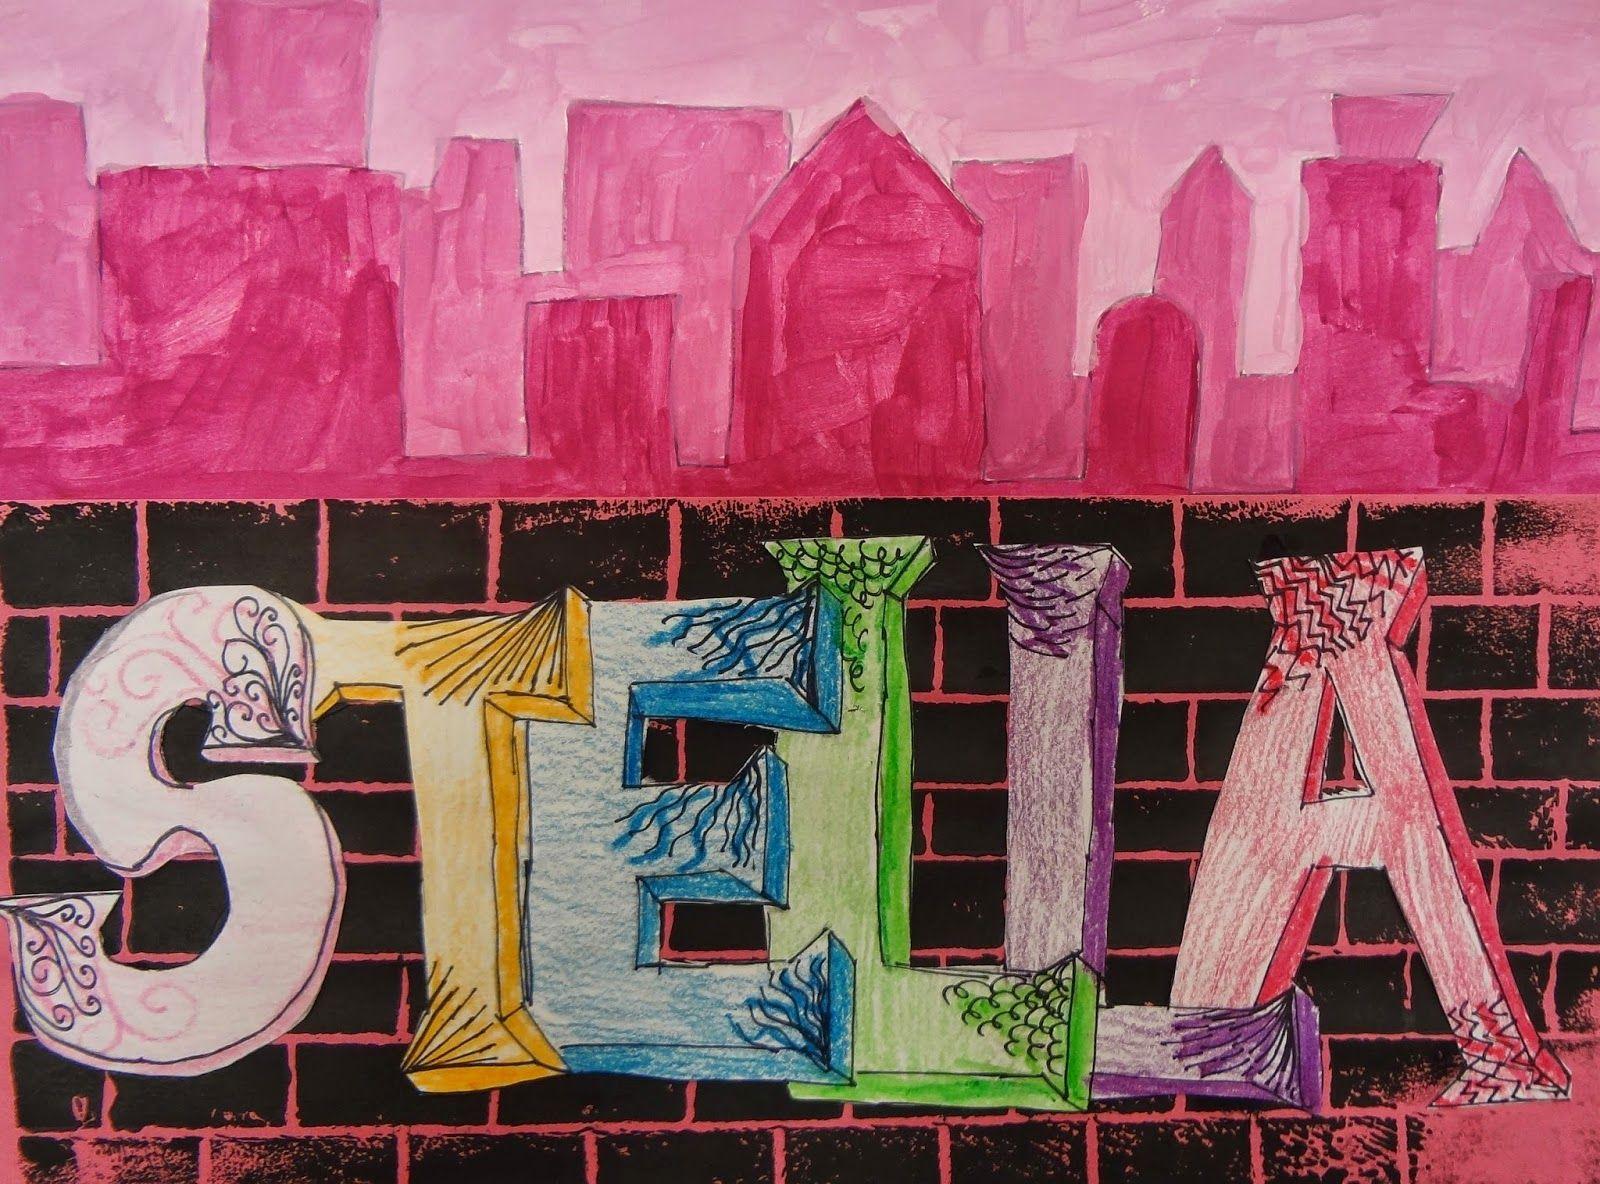 Graffiti Cityscapes